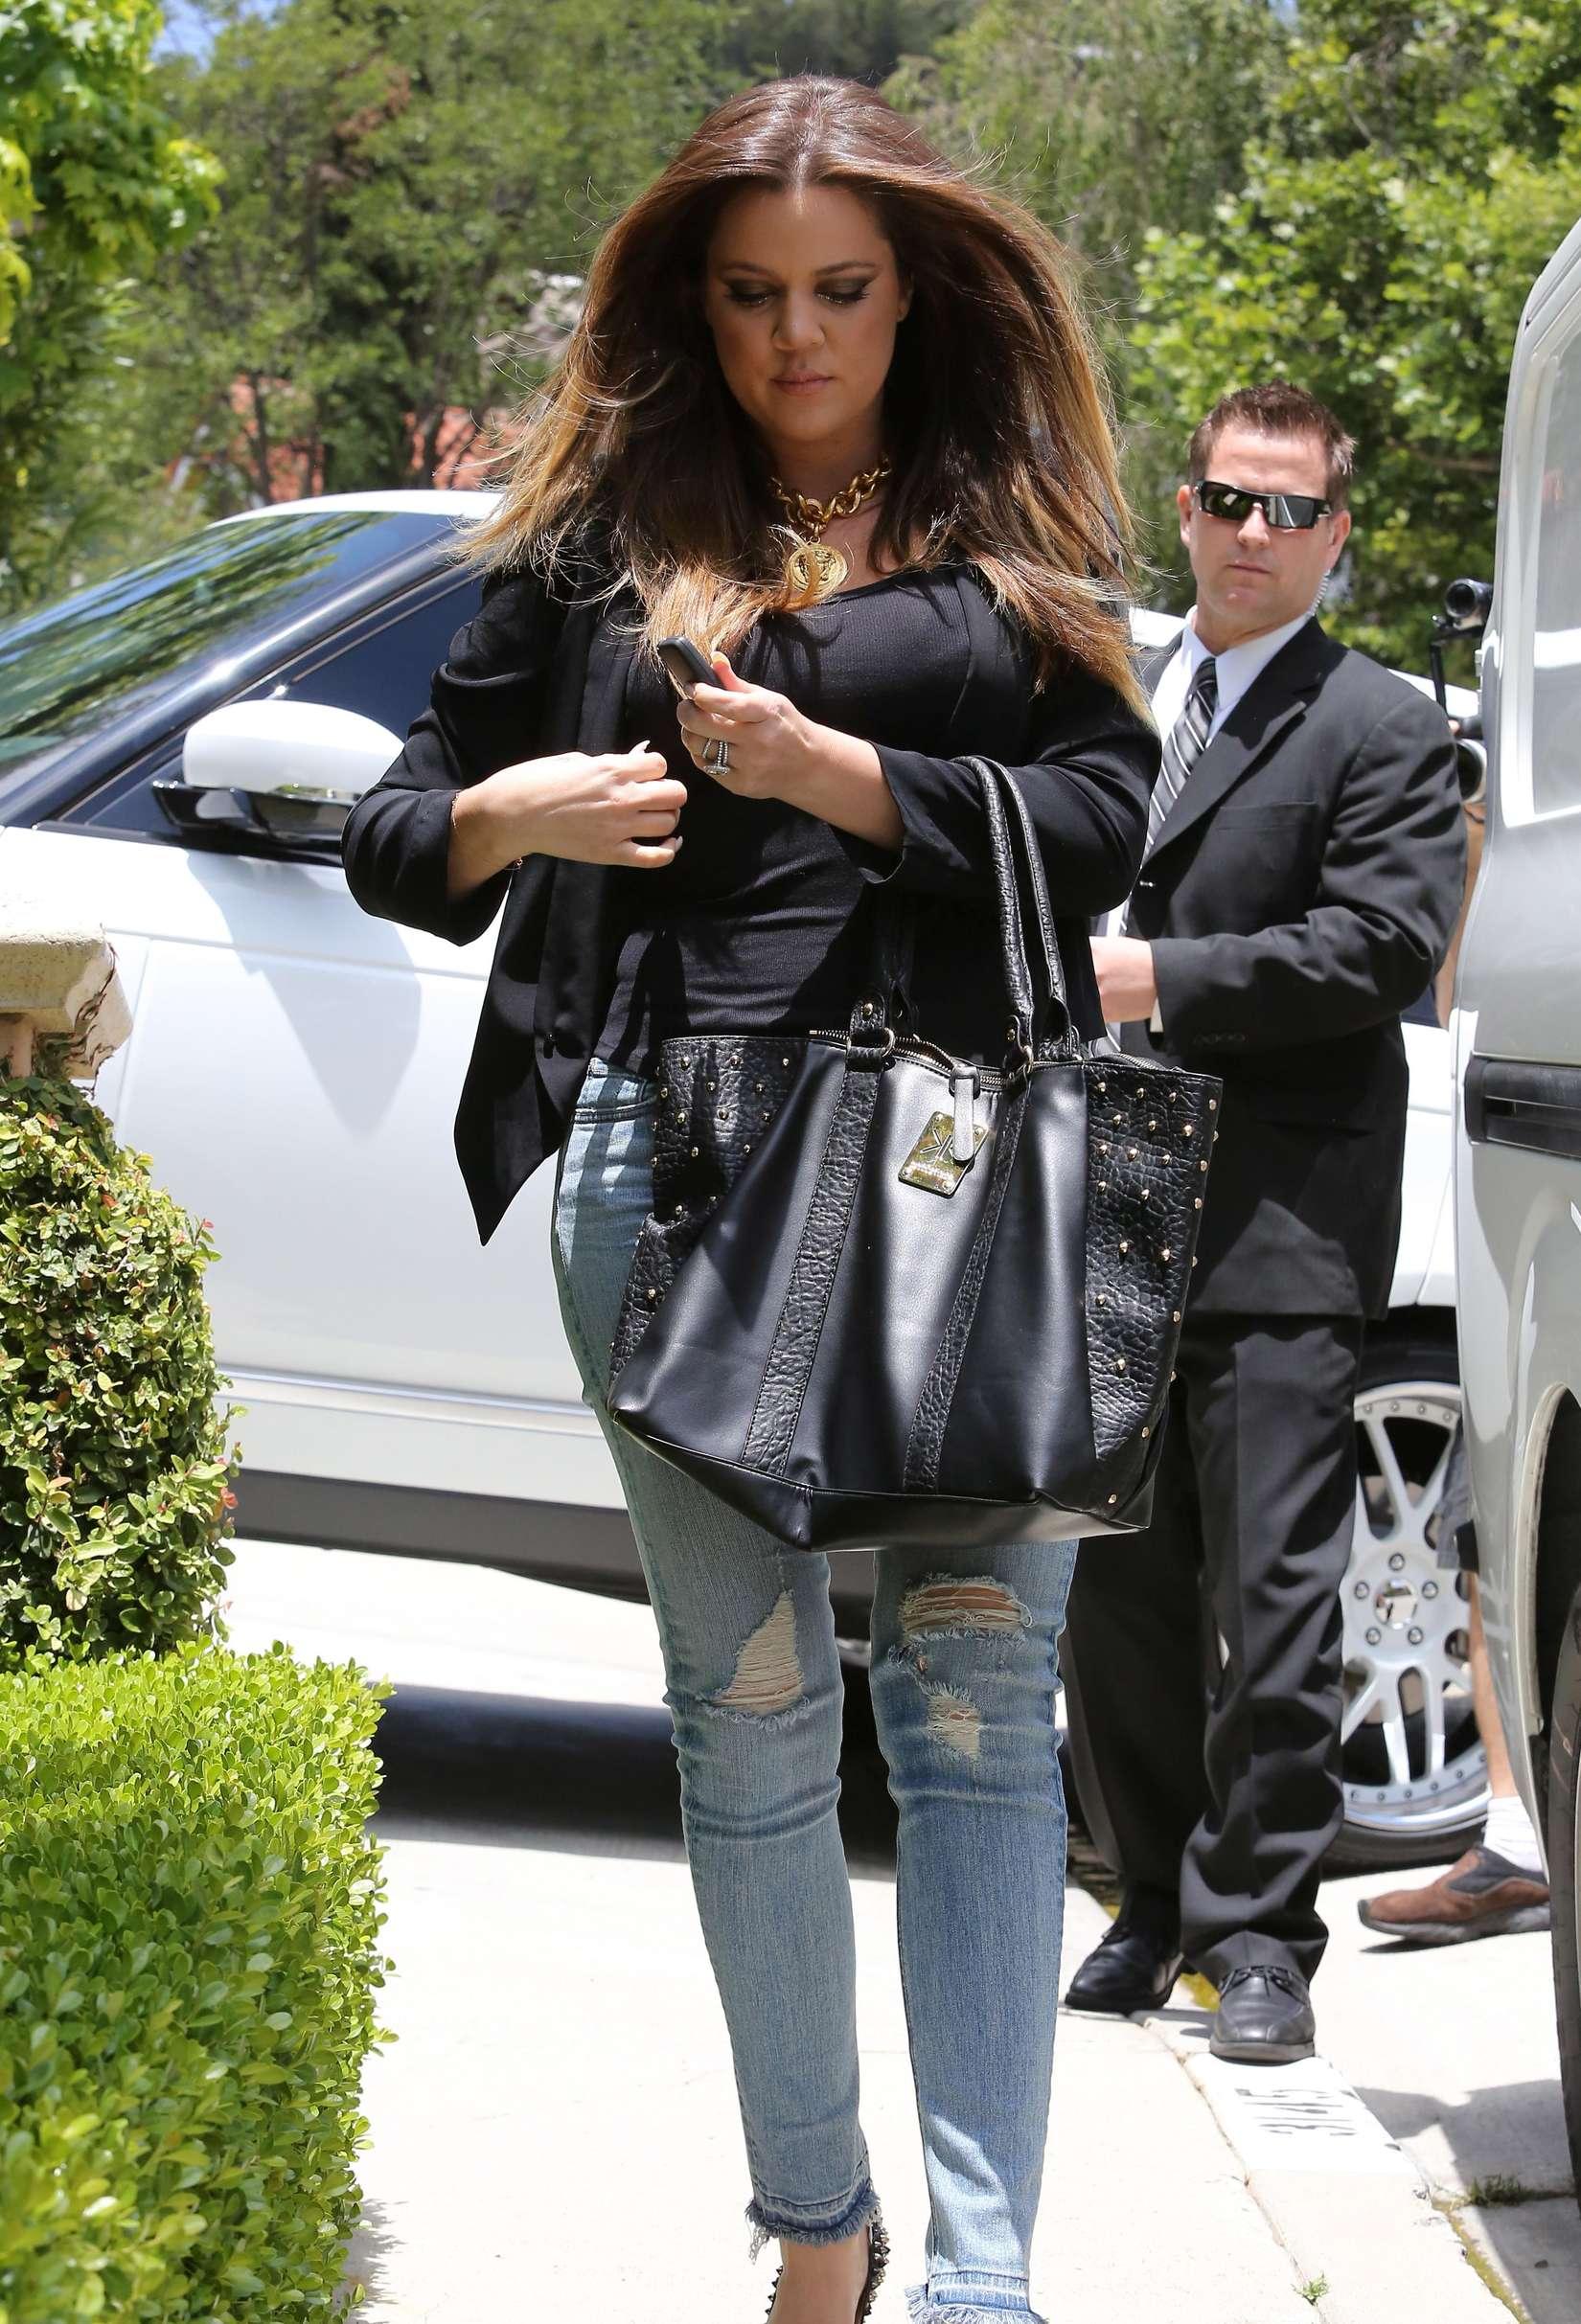 Khloe Kardashian 2013 : Khloe Kardashian at Kims house -13